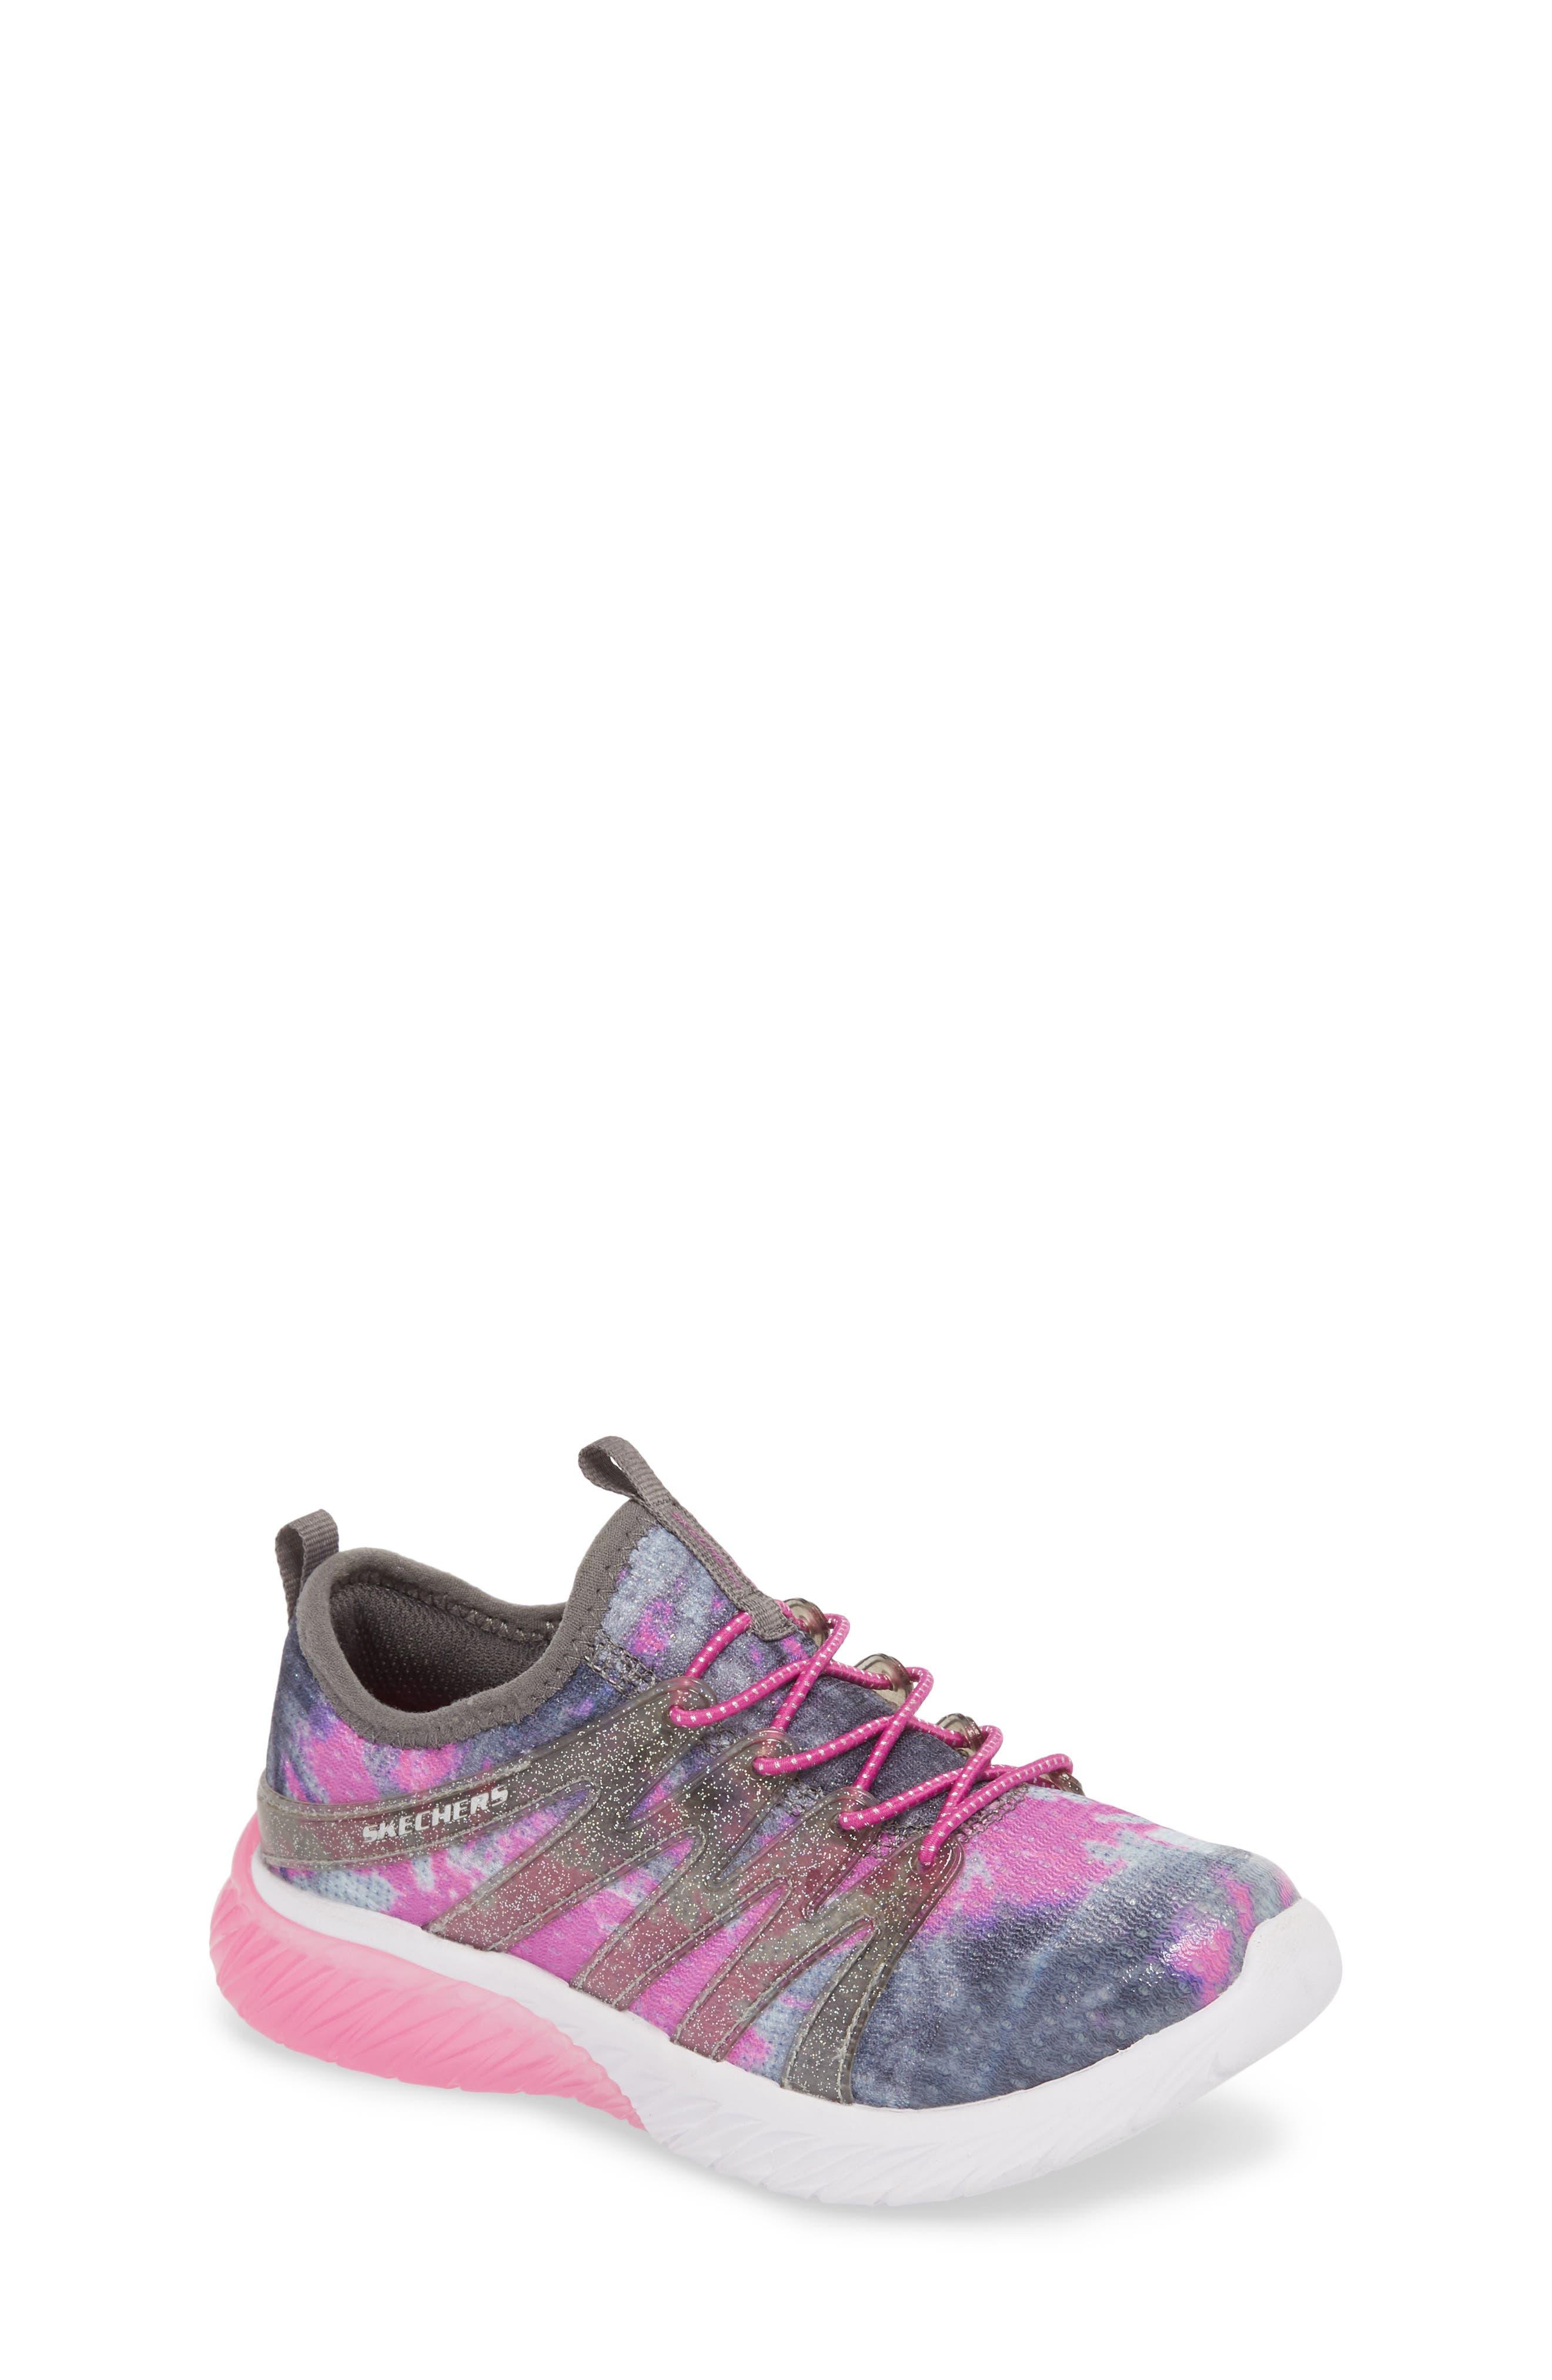 Skech Gem Glitter Sneaker,                         Main,                         color, 650